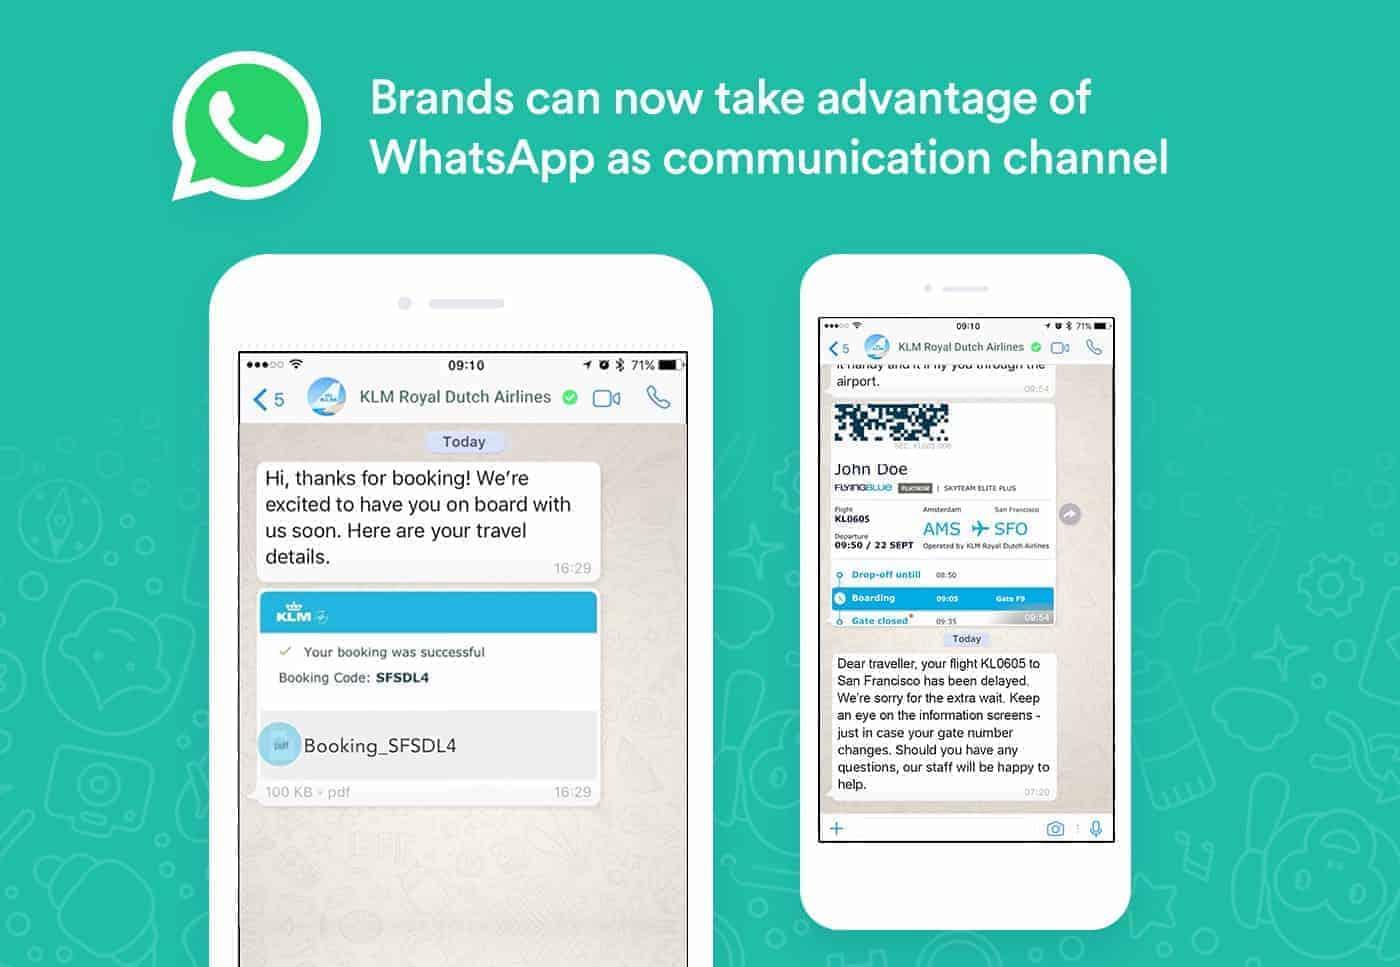 Quali sono le soluzioni per utilizzare WhatsApp in modalità multiutente?